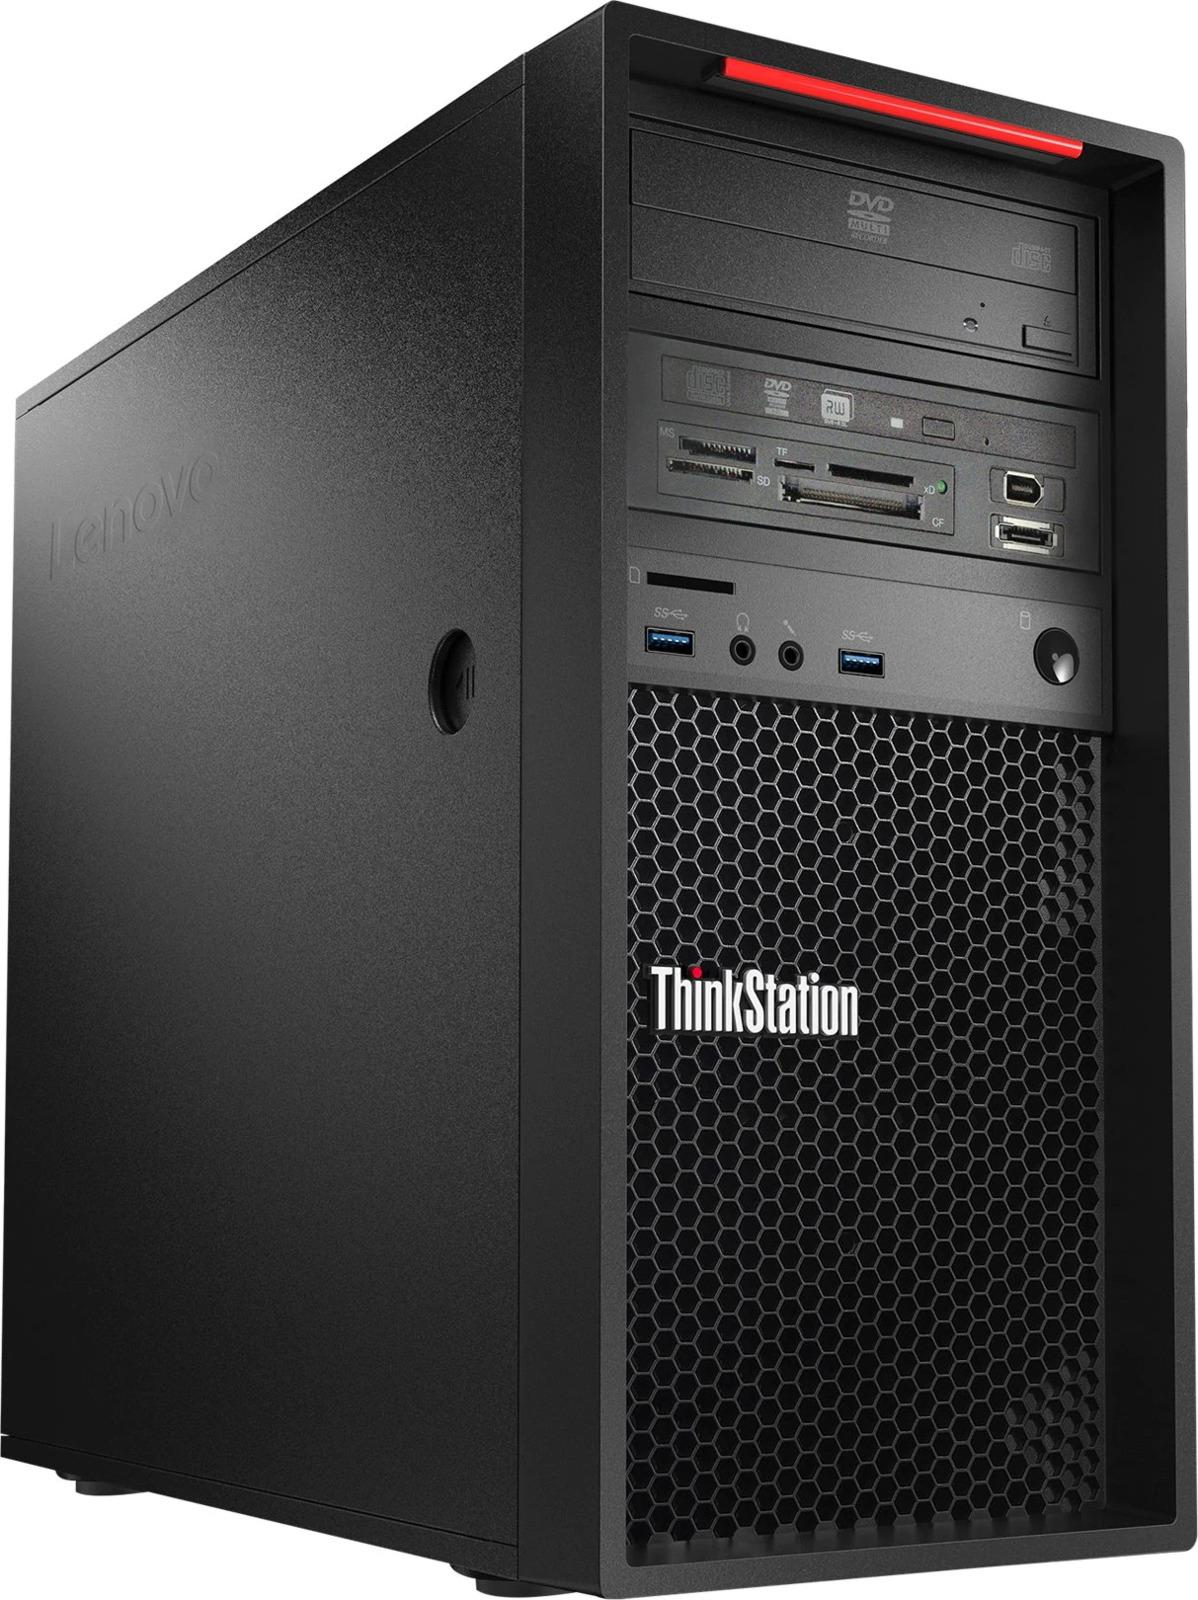 Системный блок Lenovo ThinkStation P320 30BJS35Y00 черный системный блок lenovo v520s 08ikl sff 10nns14w00 черный